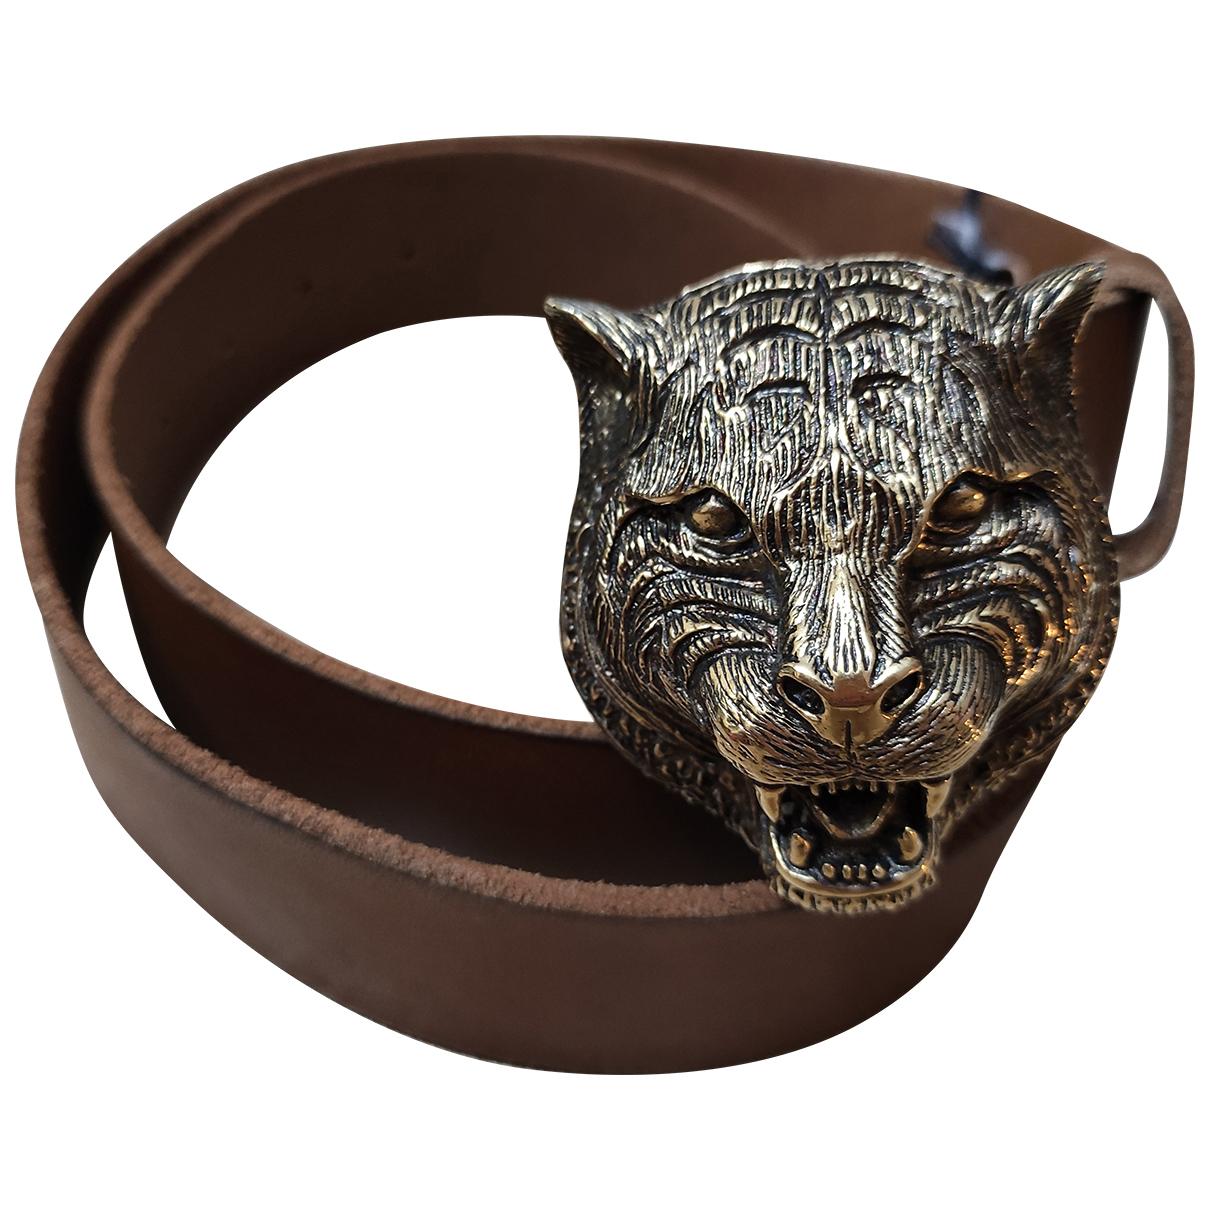 Cinturon Feline Buckle de Cuero Gucci